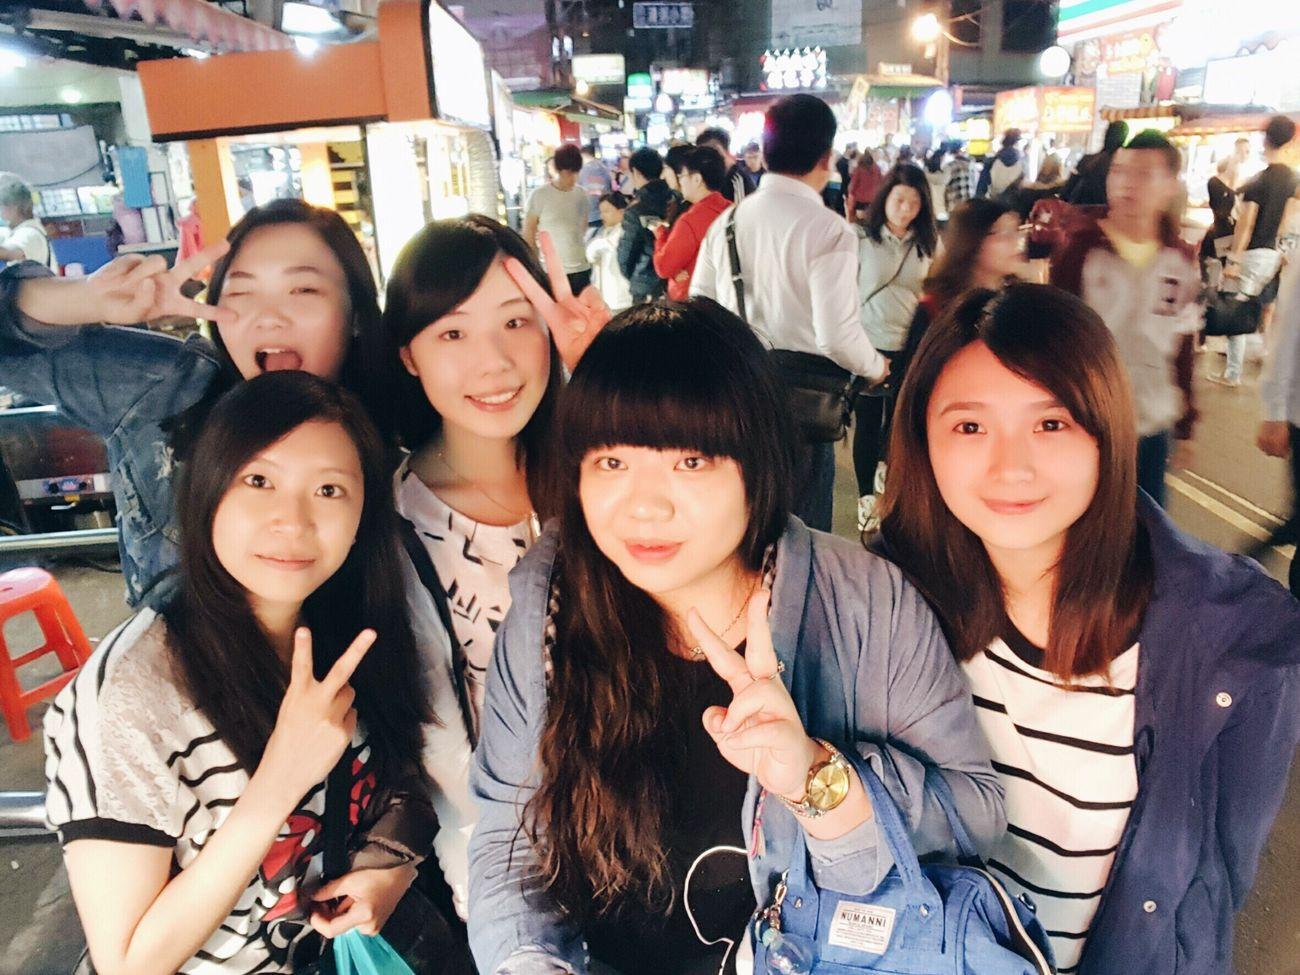 20161030 就算心態老老の拍照還是要符合一下年齡 好久不見 還是一樣和樂融融 吃了很多垃圾食物 不計形象的叫來叫去笑來笑去 Nightmarket Outdoors Hello World EyeEm Taiwan Yolo Taking Photos Photography VSCO Friendship Kate's Daily Relaxing